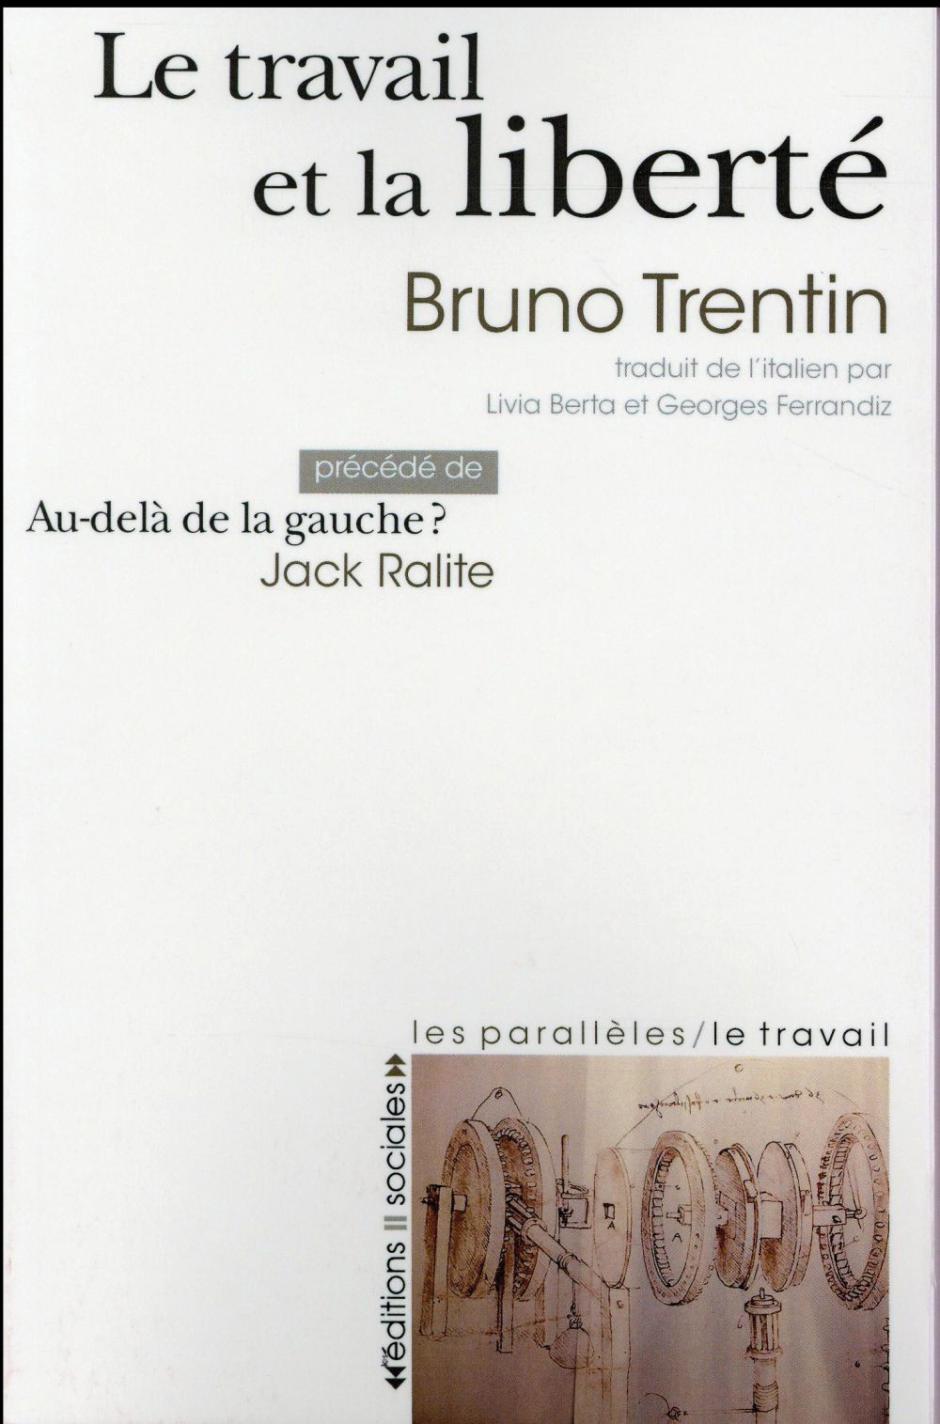 Le Travail et la liberté, Bruno Trentin